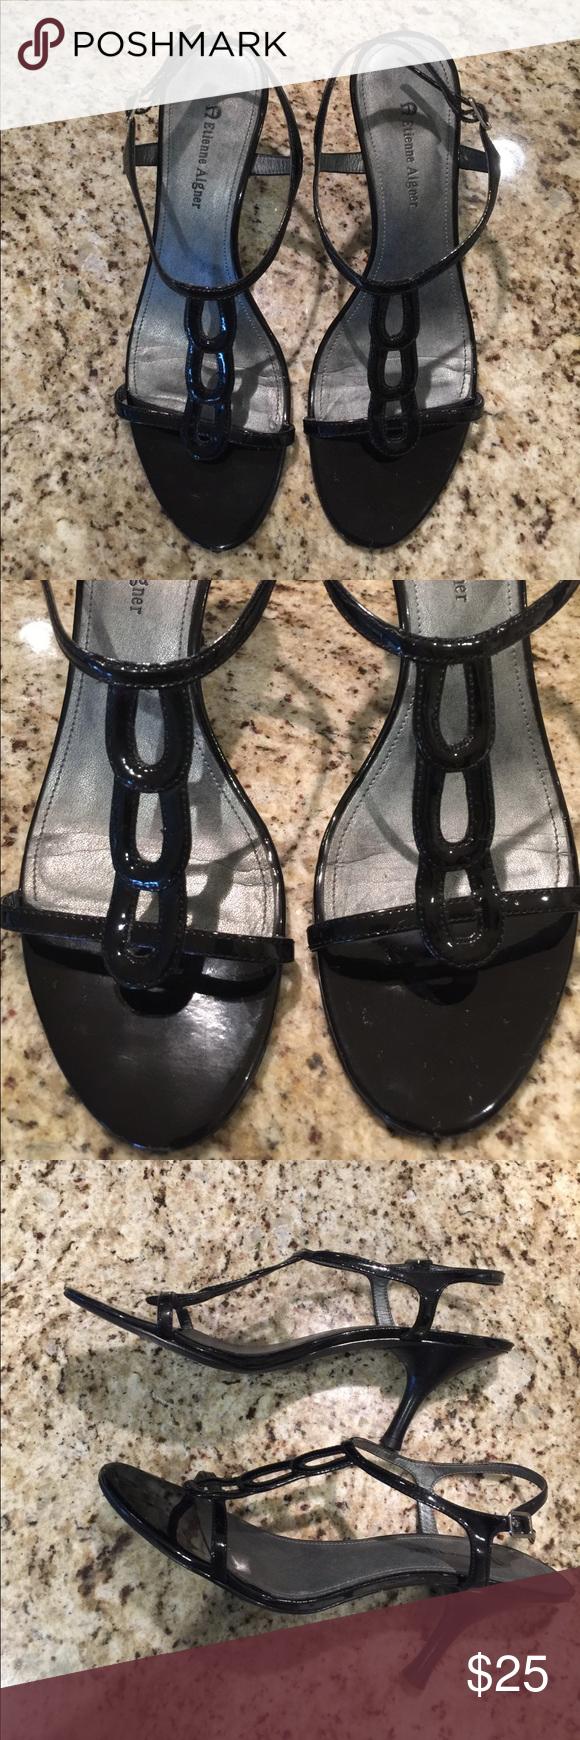 """Etienne Aigner Sandals Etienne Aigner black patent sandals. Great shape! 3 1/2"""" heel. Silver buckle. Etienne Aigner Shoes Sandals"""